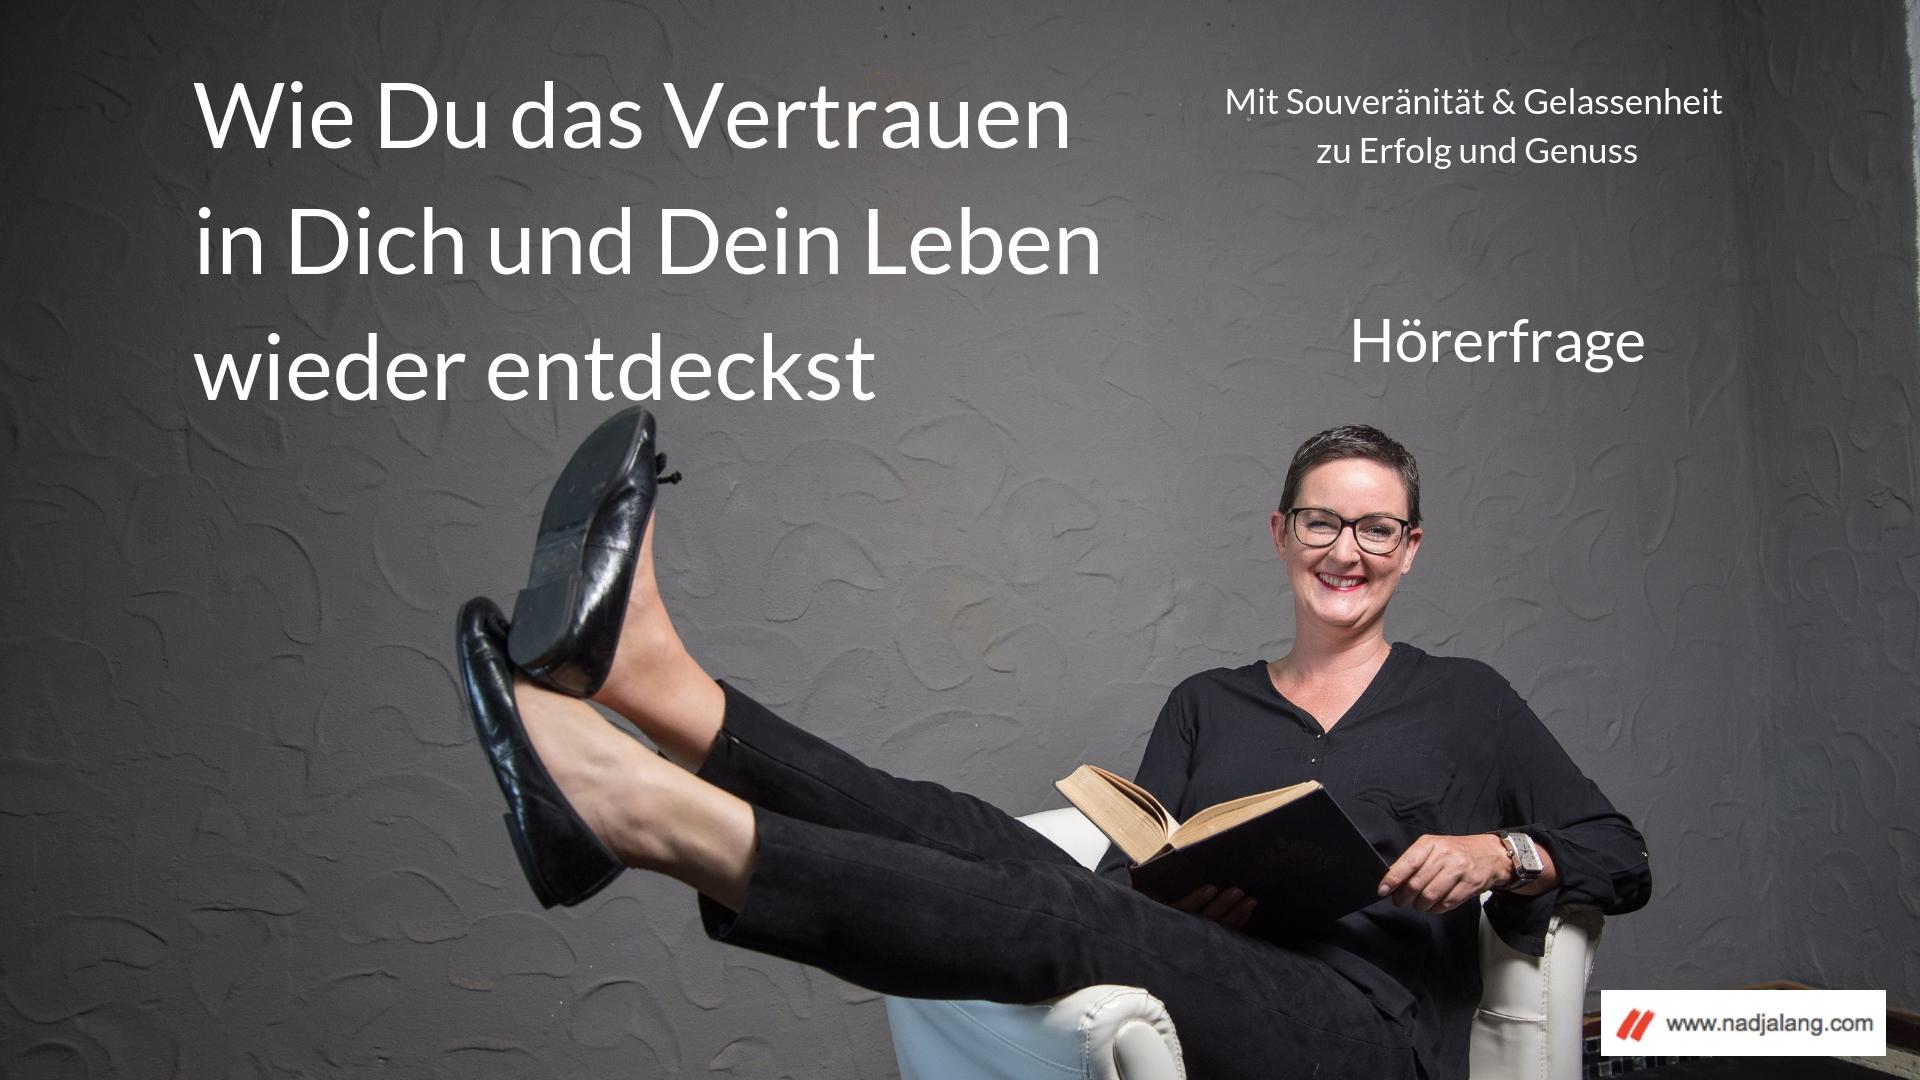 016 Podcast Hörerfrage Vertrauen.jpg